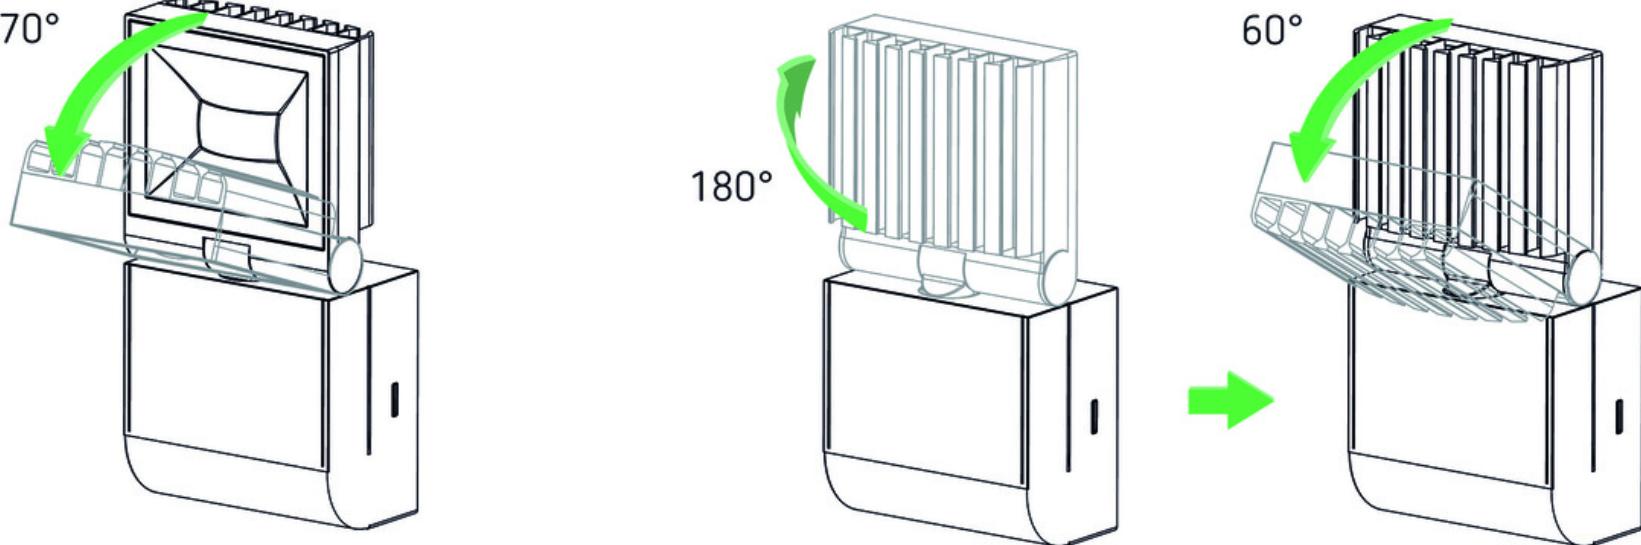 Theben outdoor sensor light adjustable range